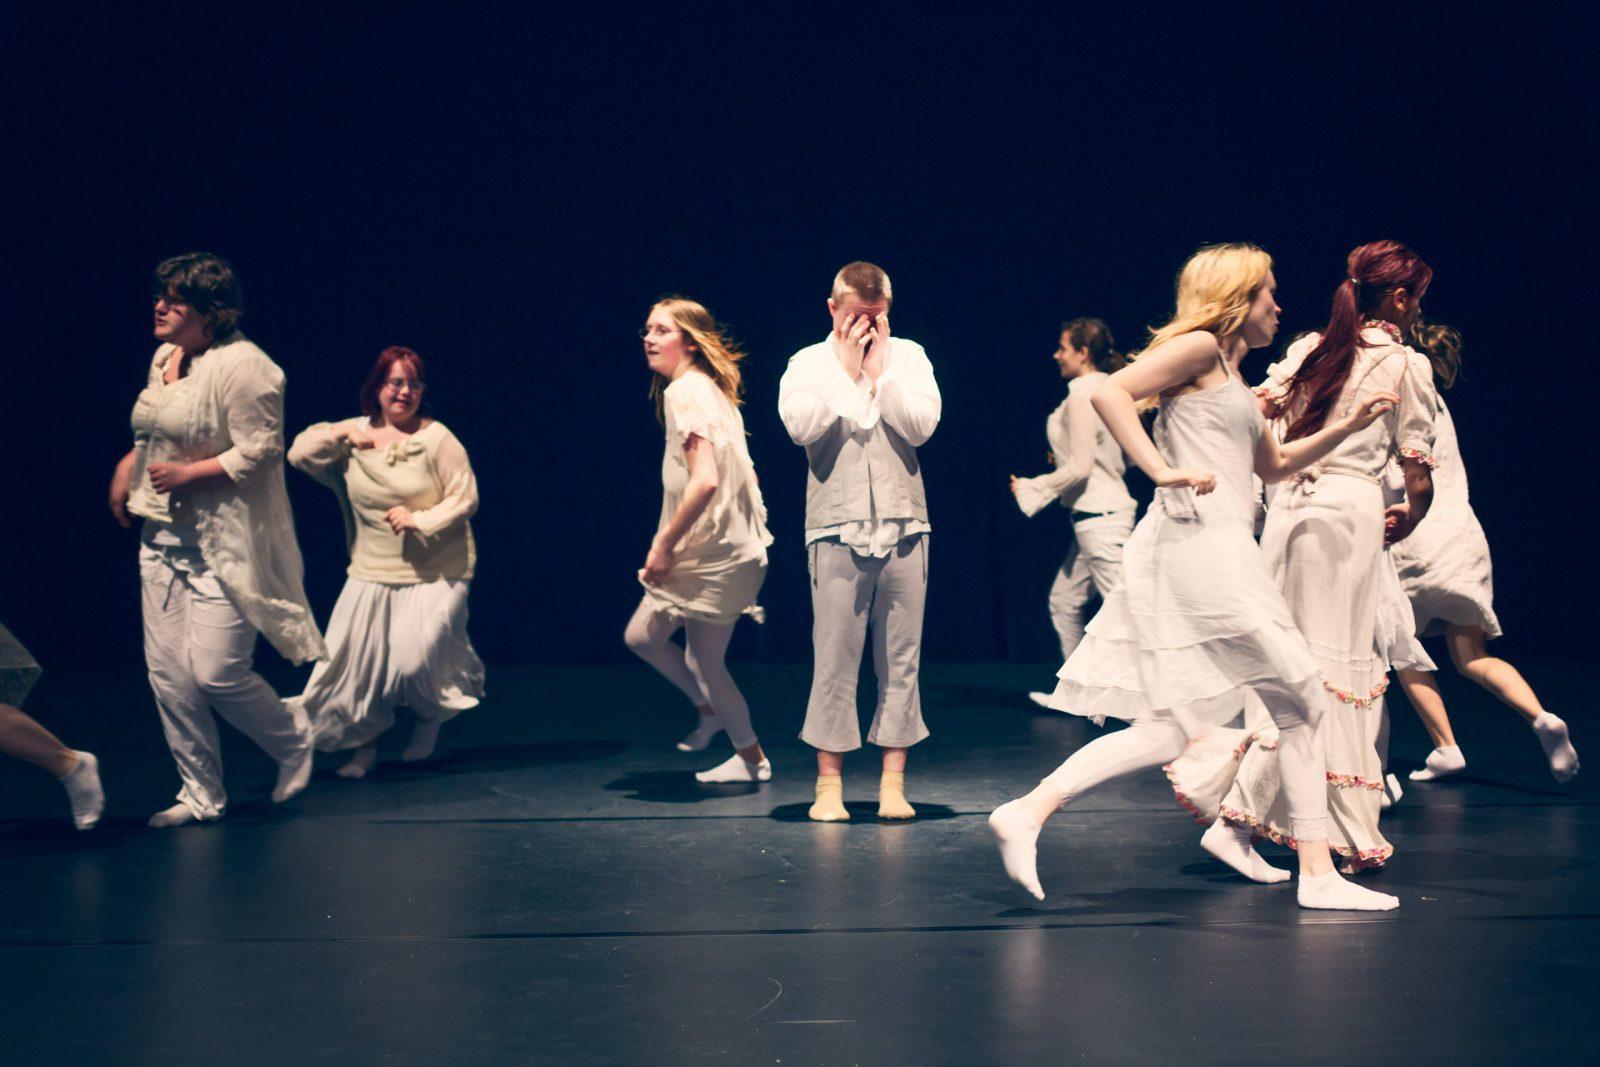 eine Gruppe von Tänzerinnen läuft um einen Tänzer herum